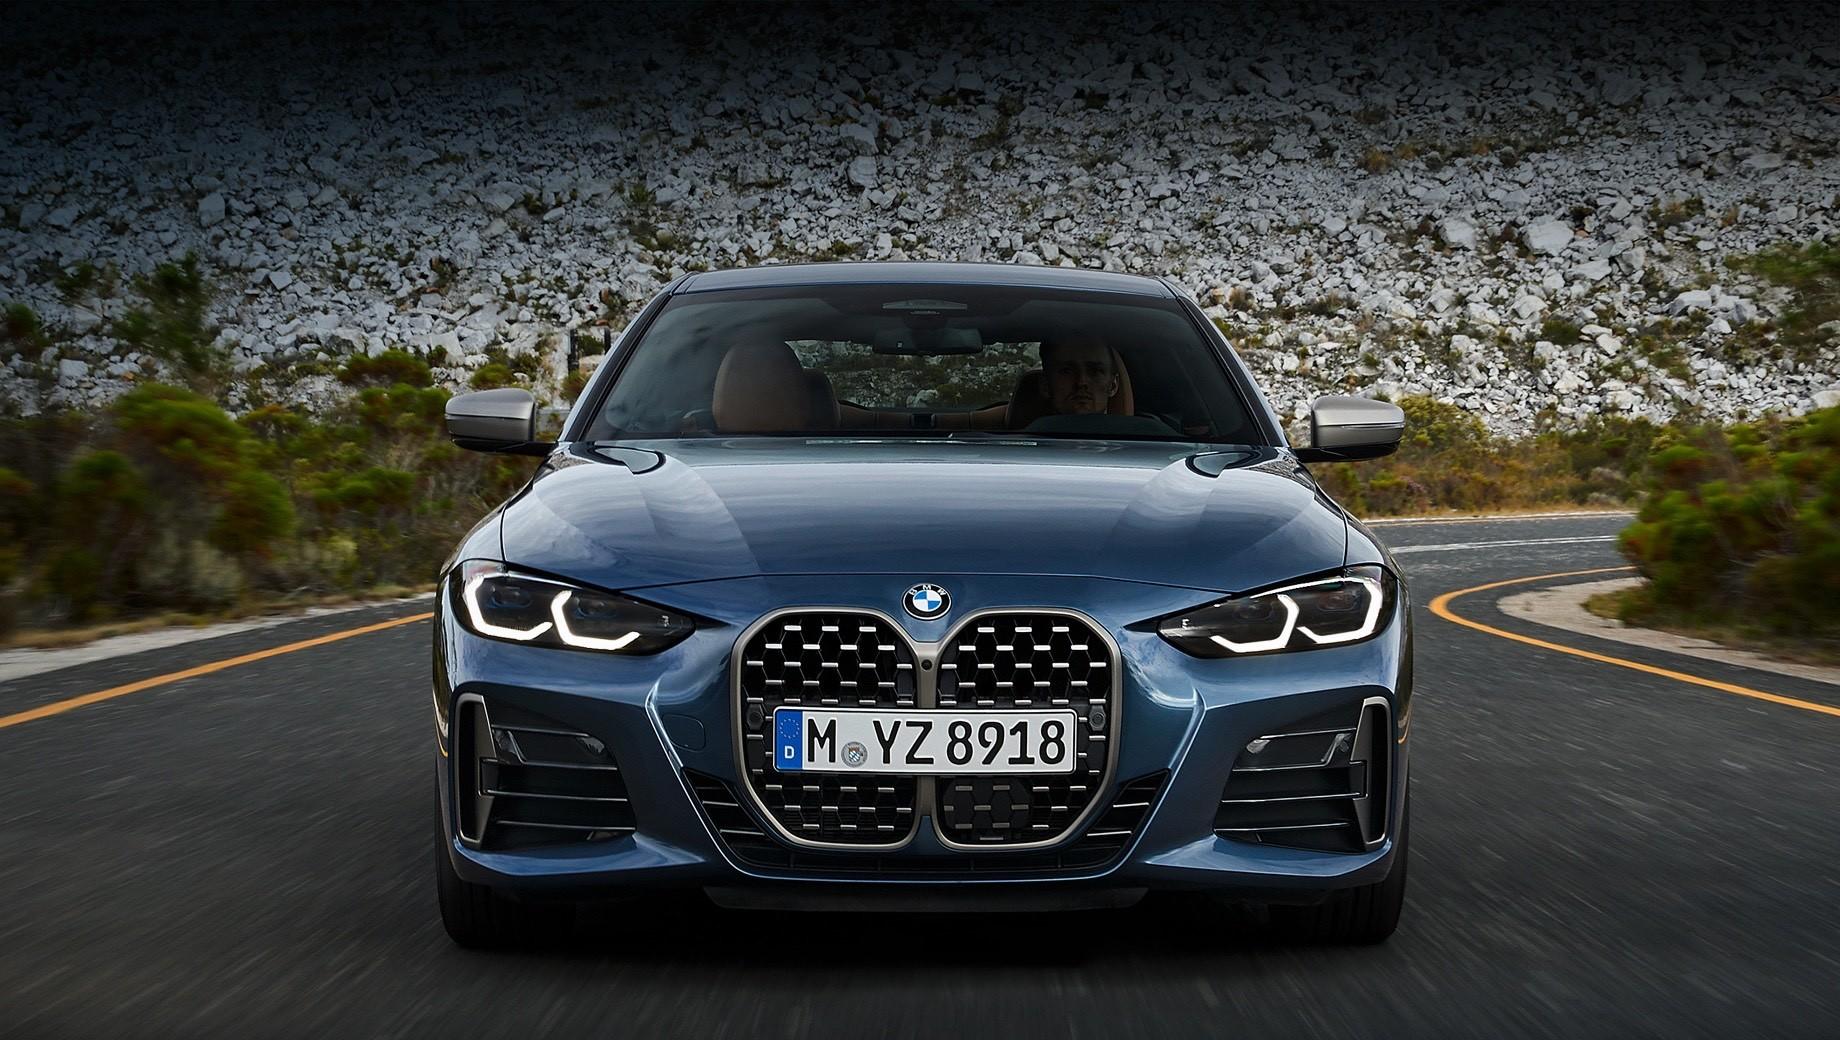 Bmw 4,Bmw 4 convertible. Пока мы в России ждём кабриолет, купе BMW четвёртой серии успело подорожать. С сентября стартовый ценник прибавил 40 тысяч рублей, и теперь двухдверка оценивается в 3 170 000. Та же участь постигла большинство моделей BMW на нашем рынке, а увеличение варьируется от 10 000 (на «семёрку») до 280 000 рублей (BMW M2) в зависимости от автомобиля.